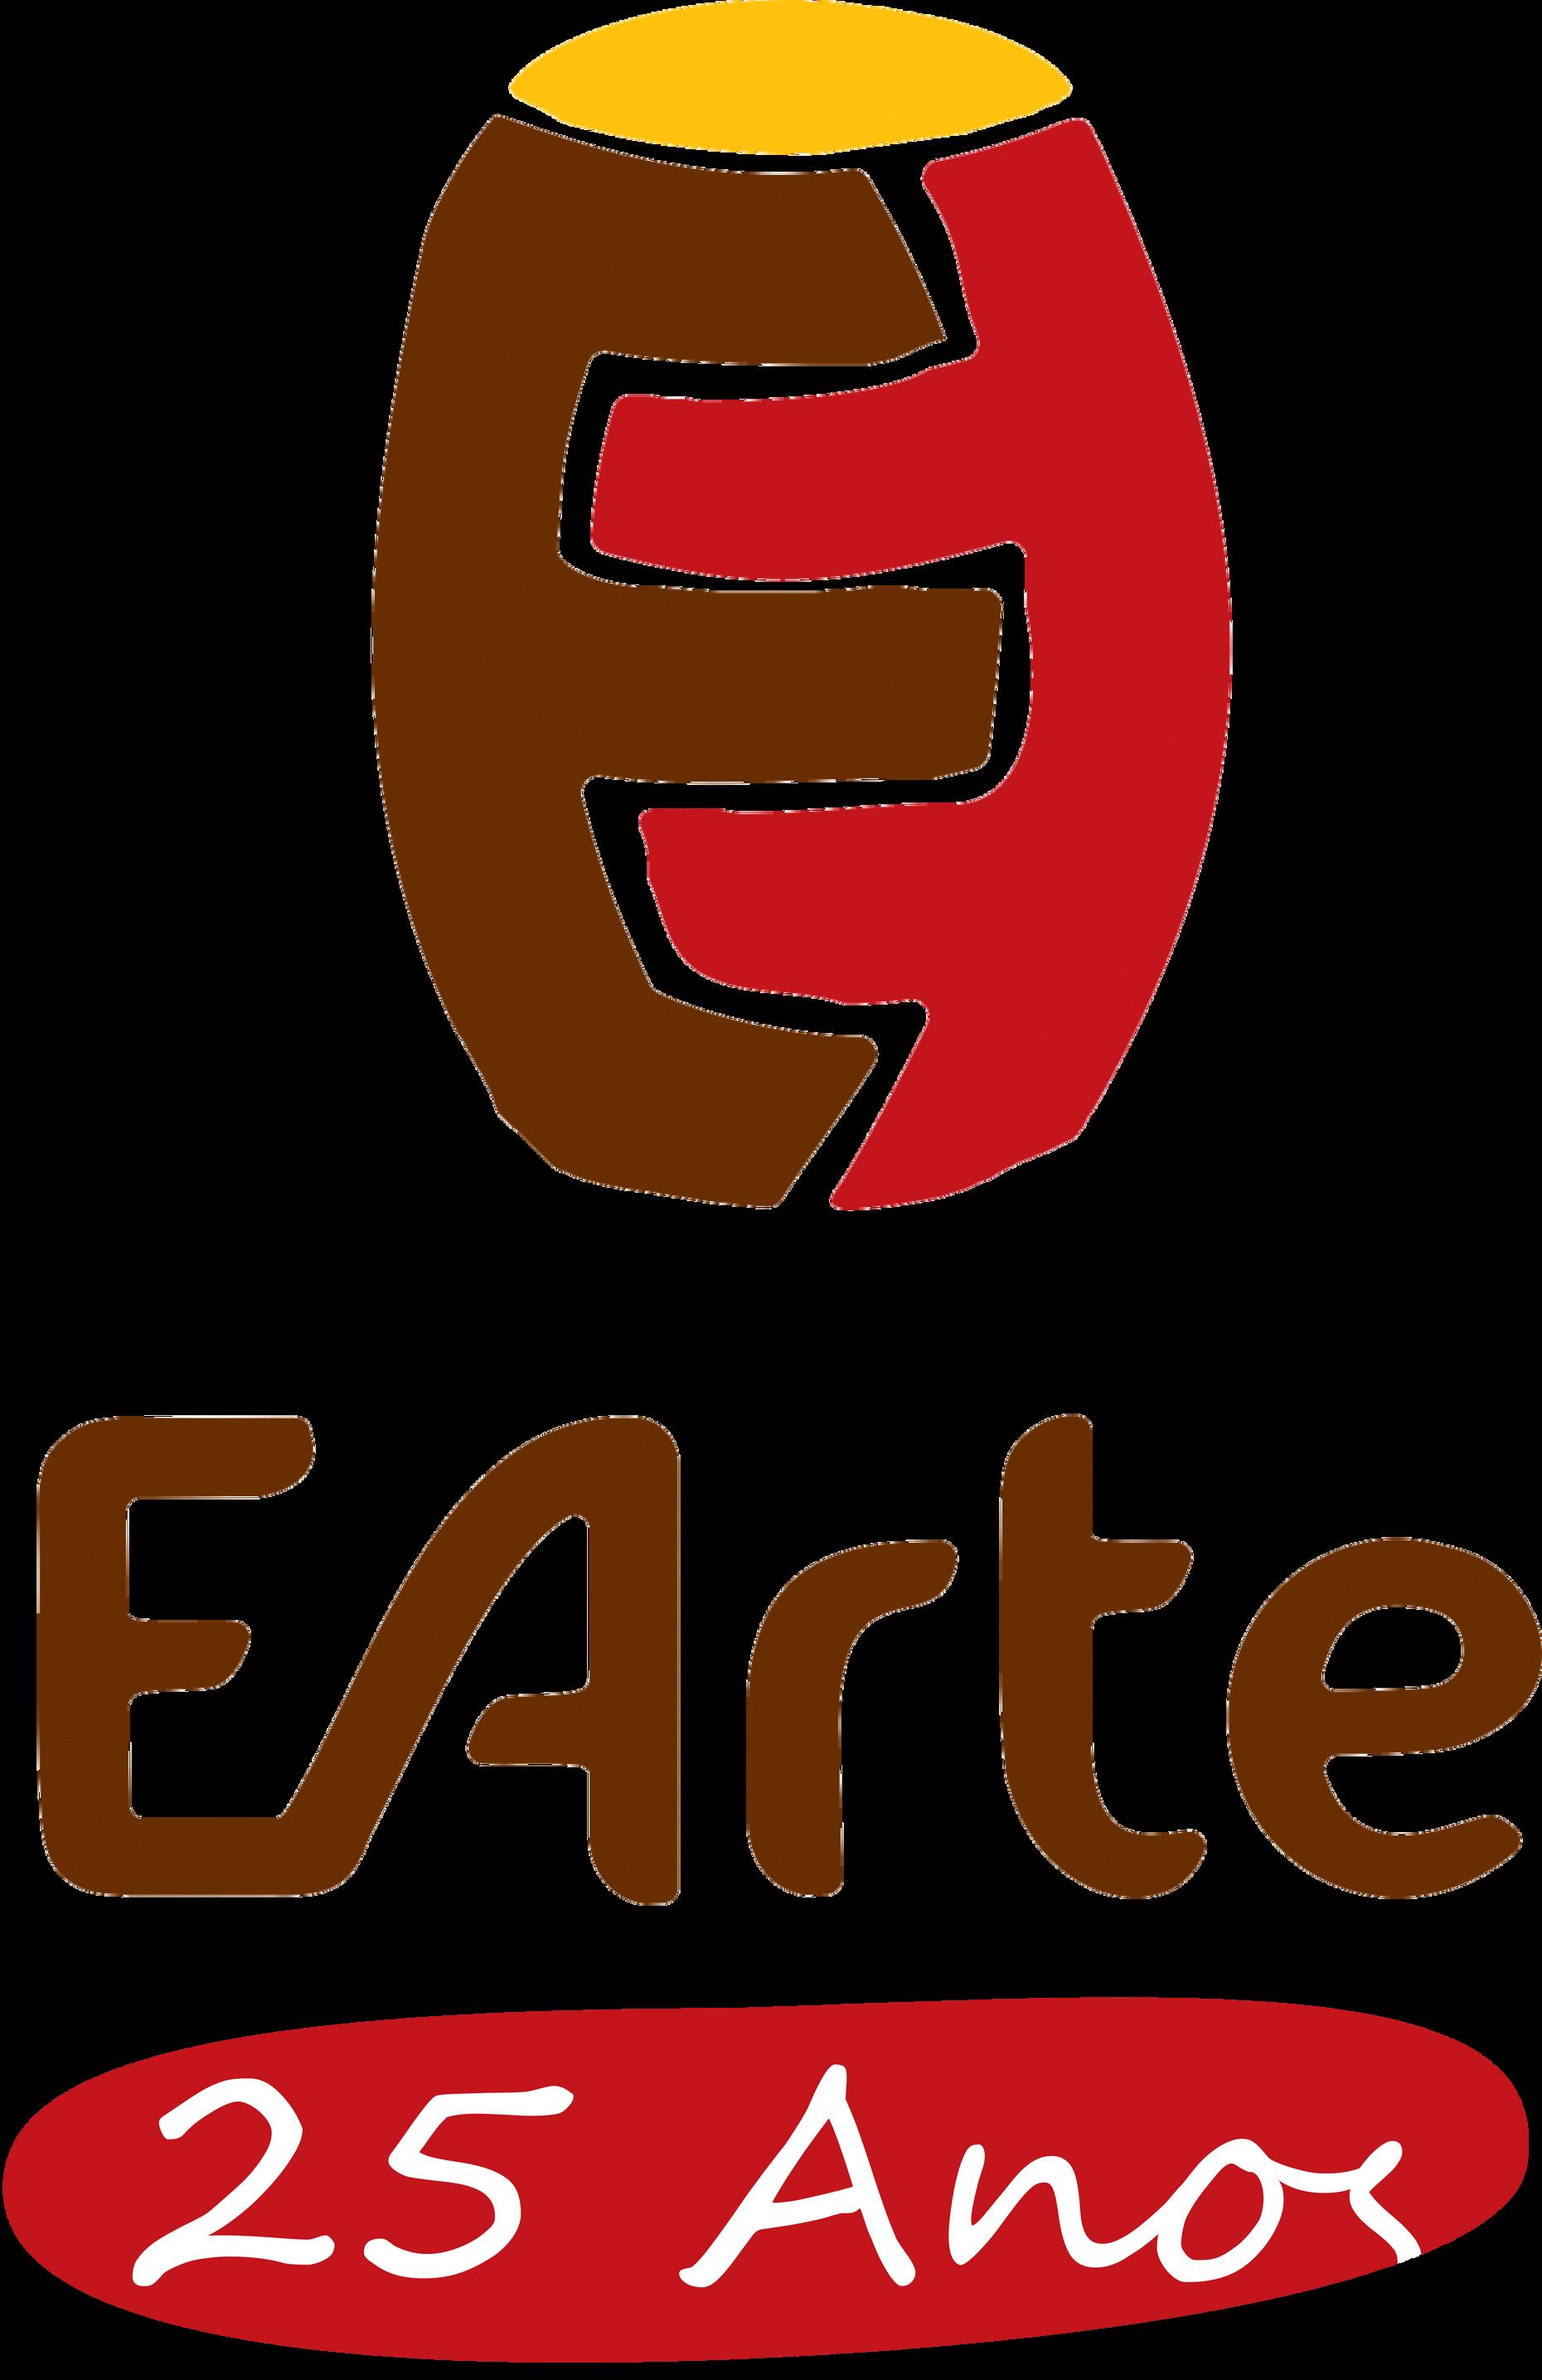 earte